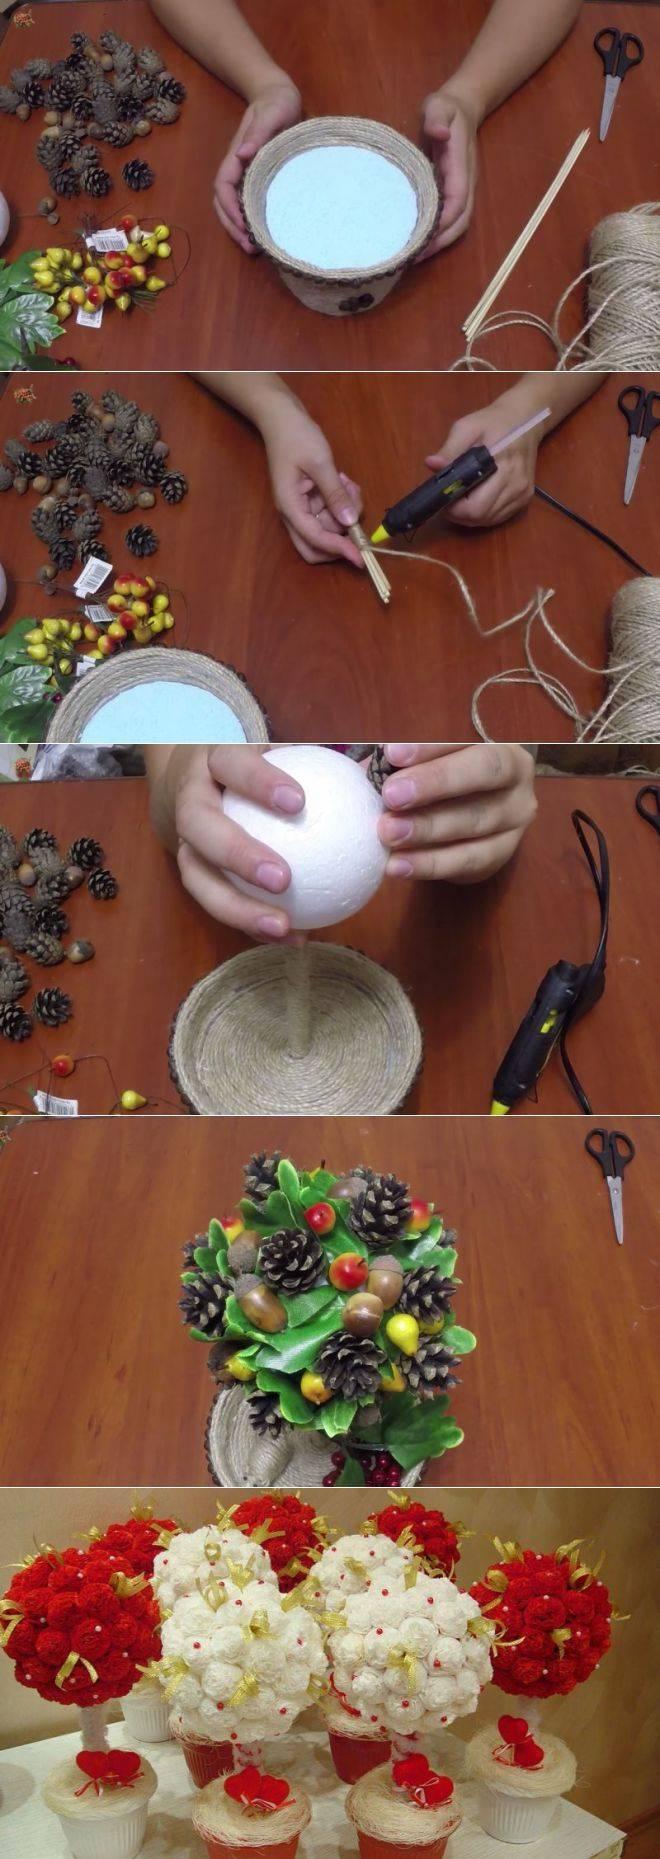 Как сделать топиарий своими руками пошагово с фото для начинающих. мастер-классы